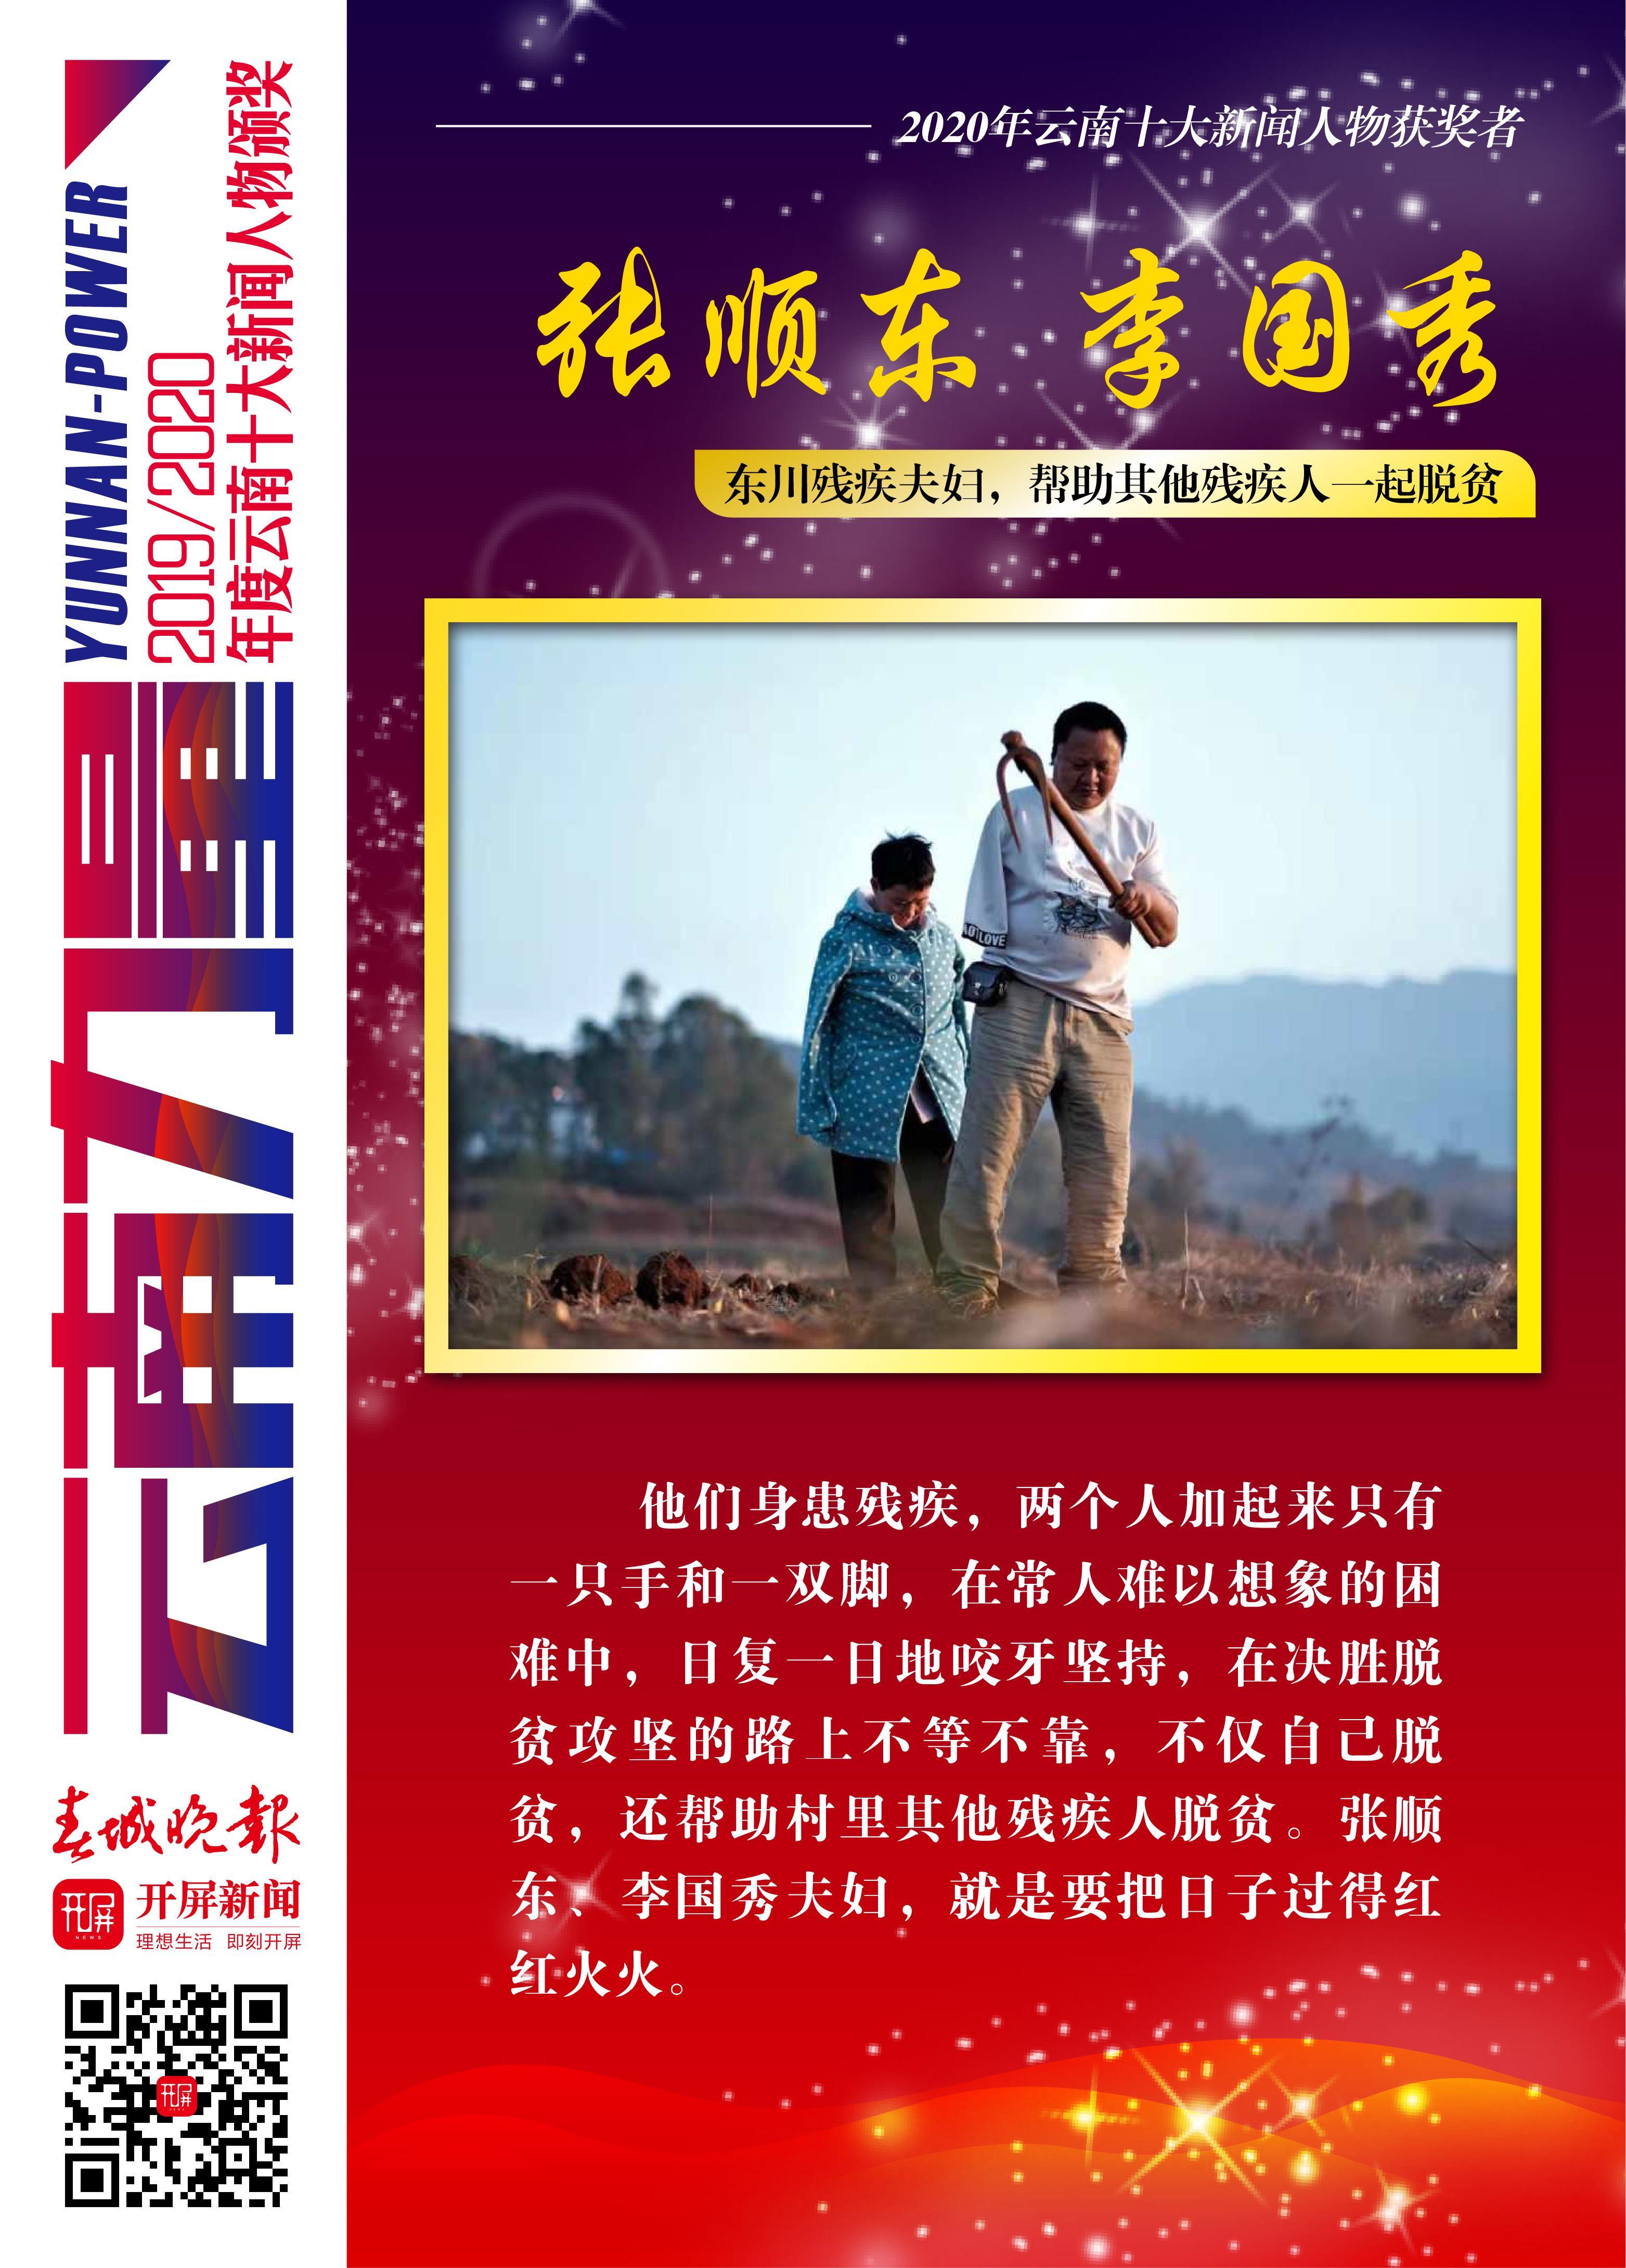 2020新闻人物海报_02张顺东、李国秀.jpg